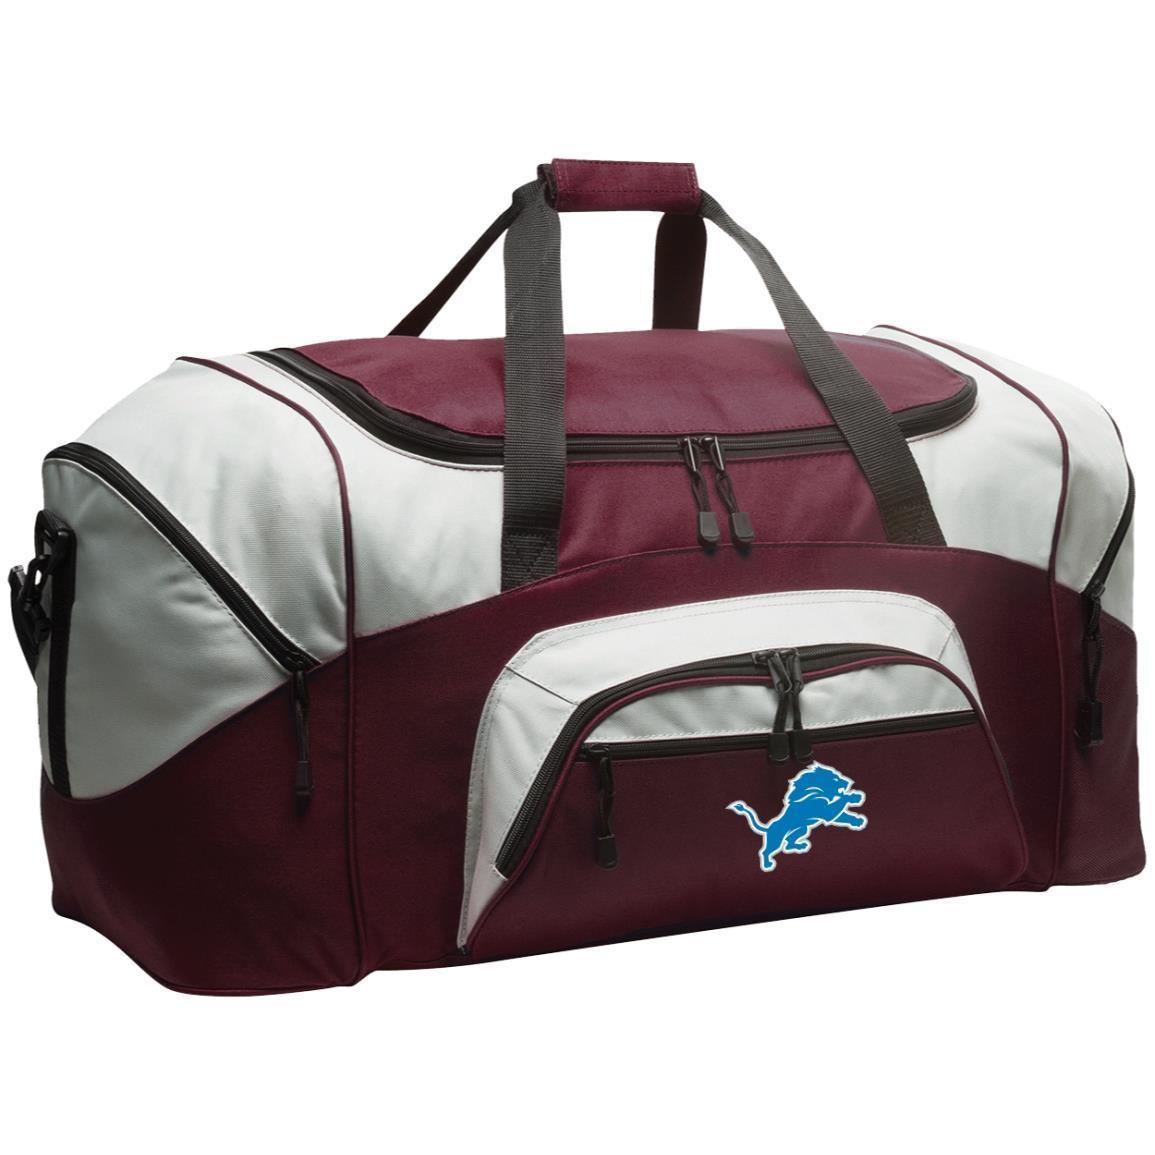 Detroit Lions Nfl Colorblock Sport Duffel Bag